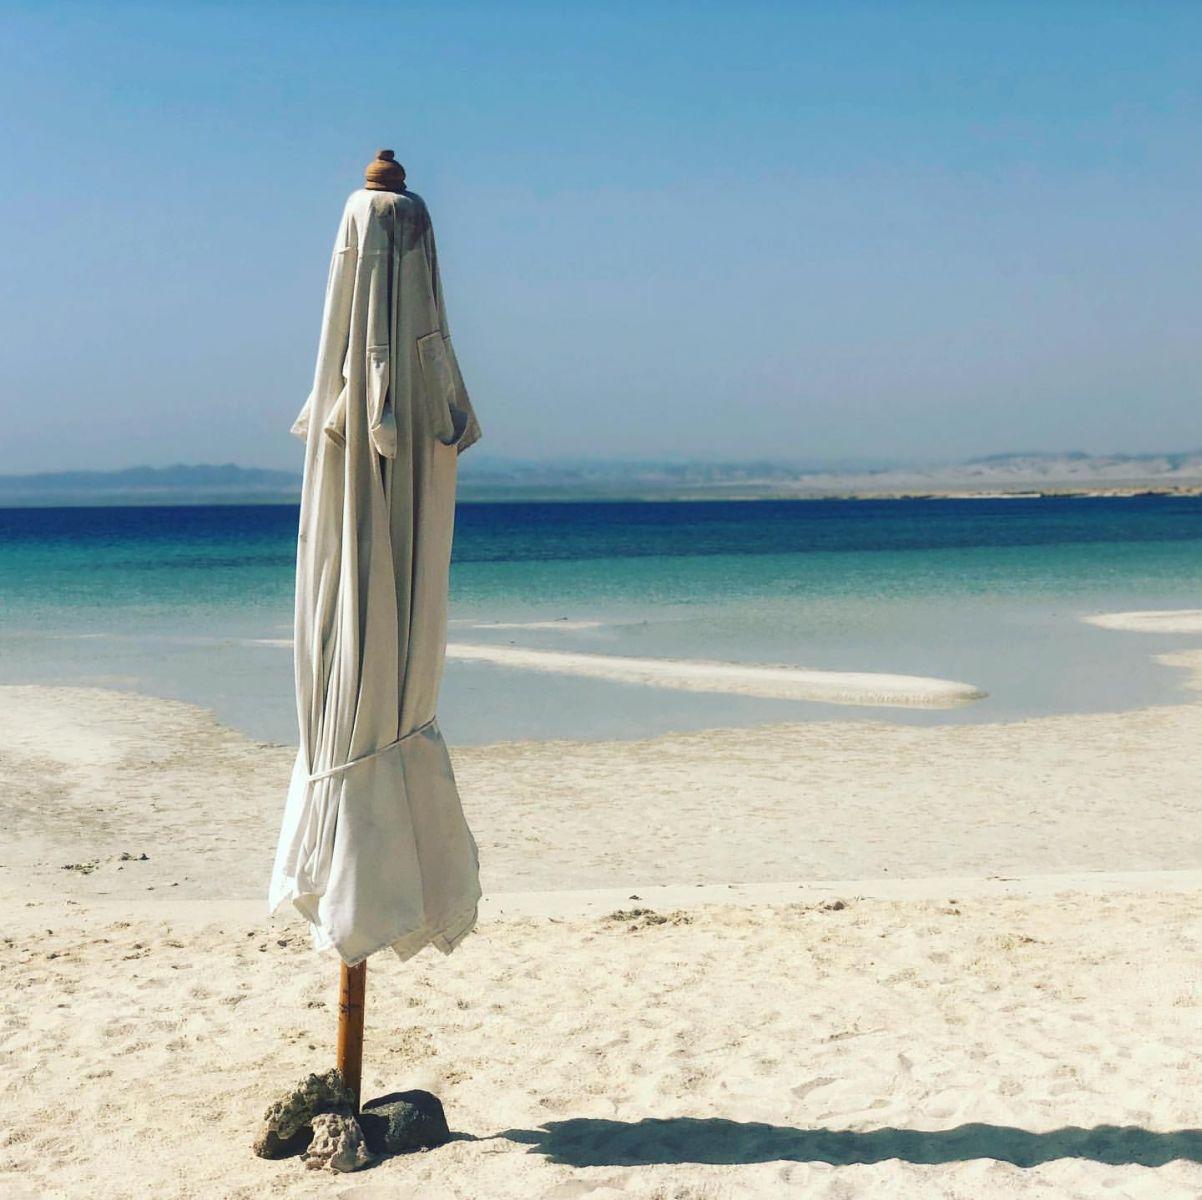 شاطئ راس حنكوراب